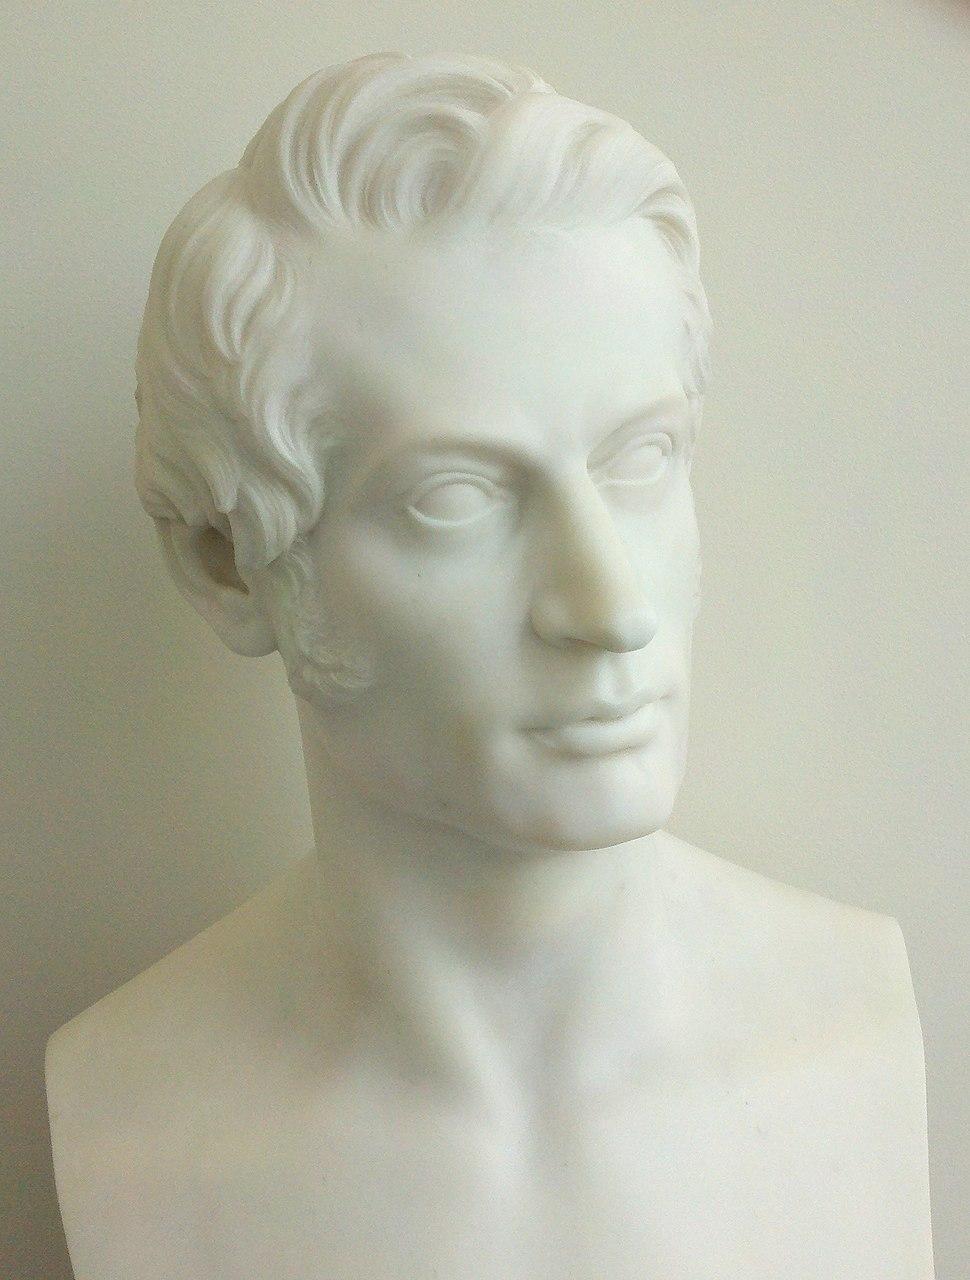 Charles Sumner bust